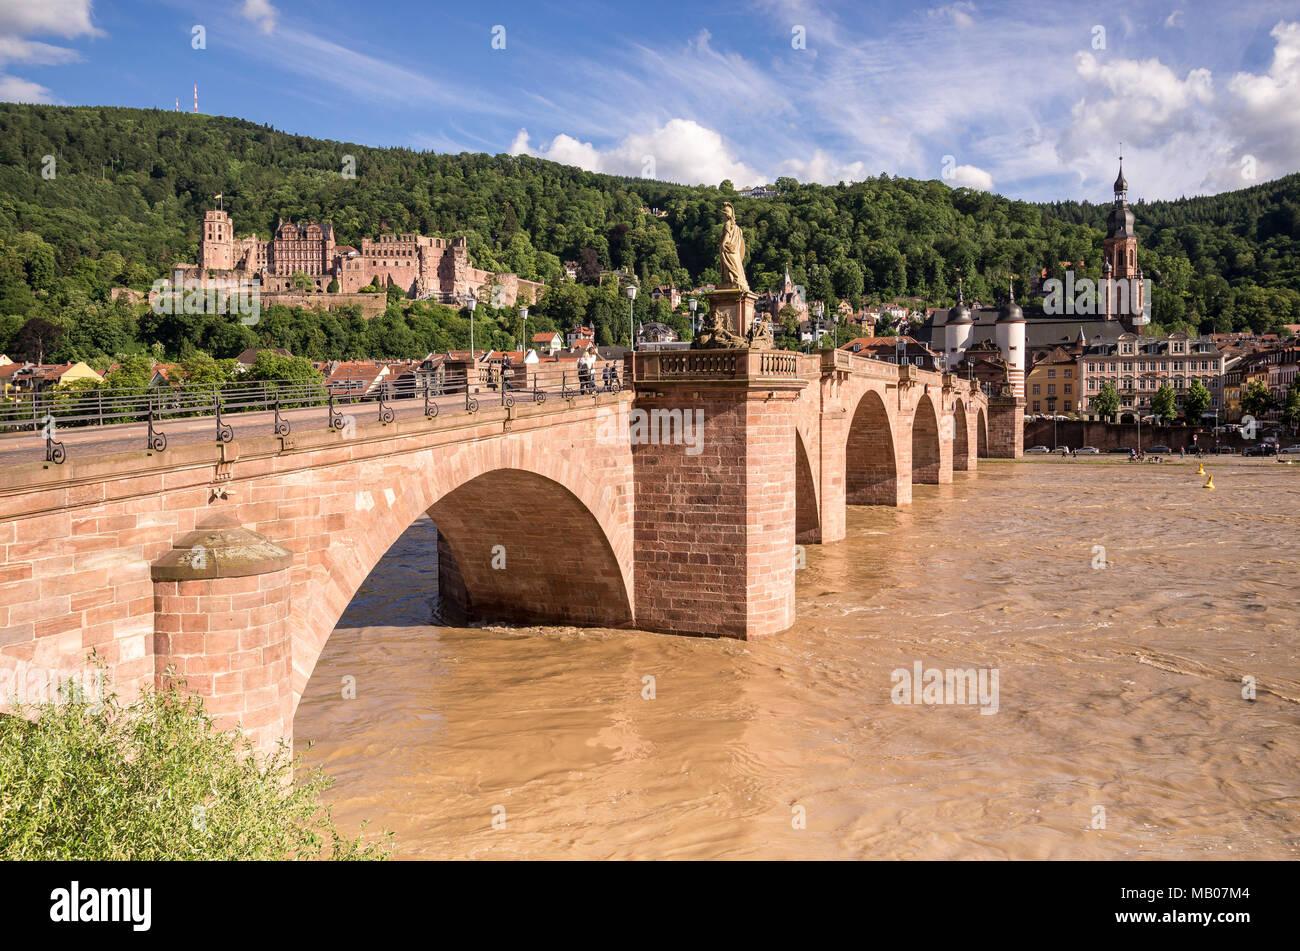 Hochwasser auf dem Neckar, Heidelberg, Baden-Württemberg, Deutschland, Europa - Stock Image